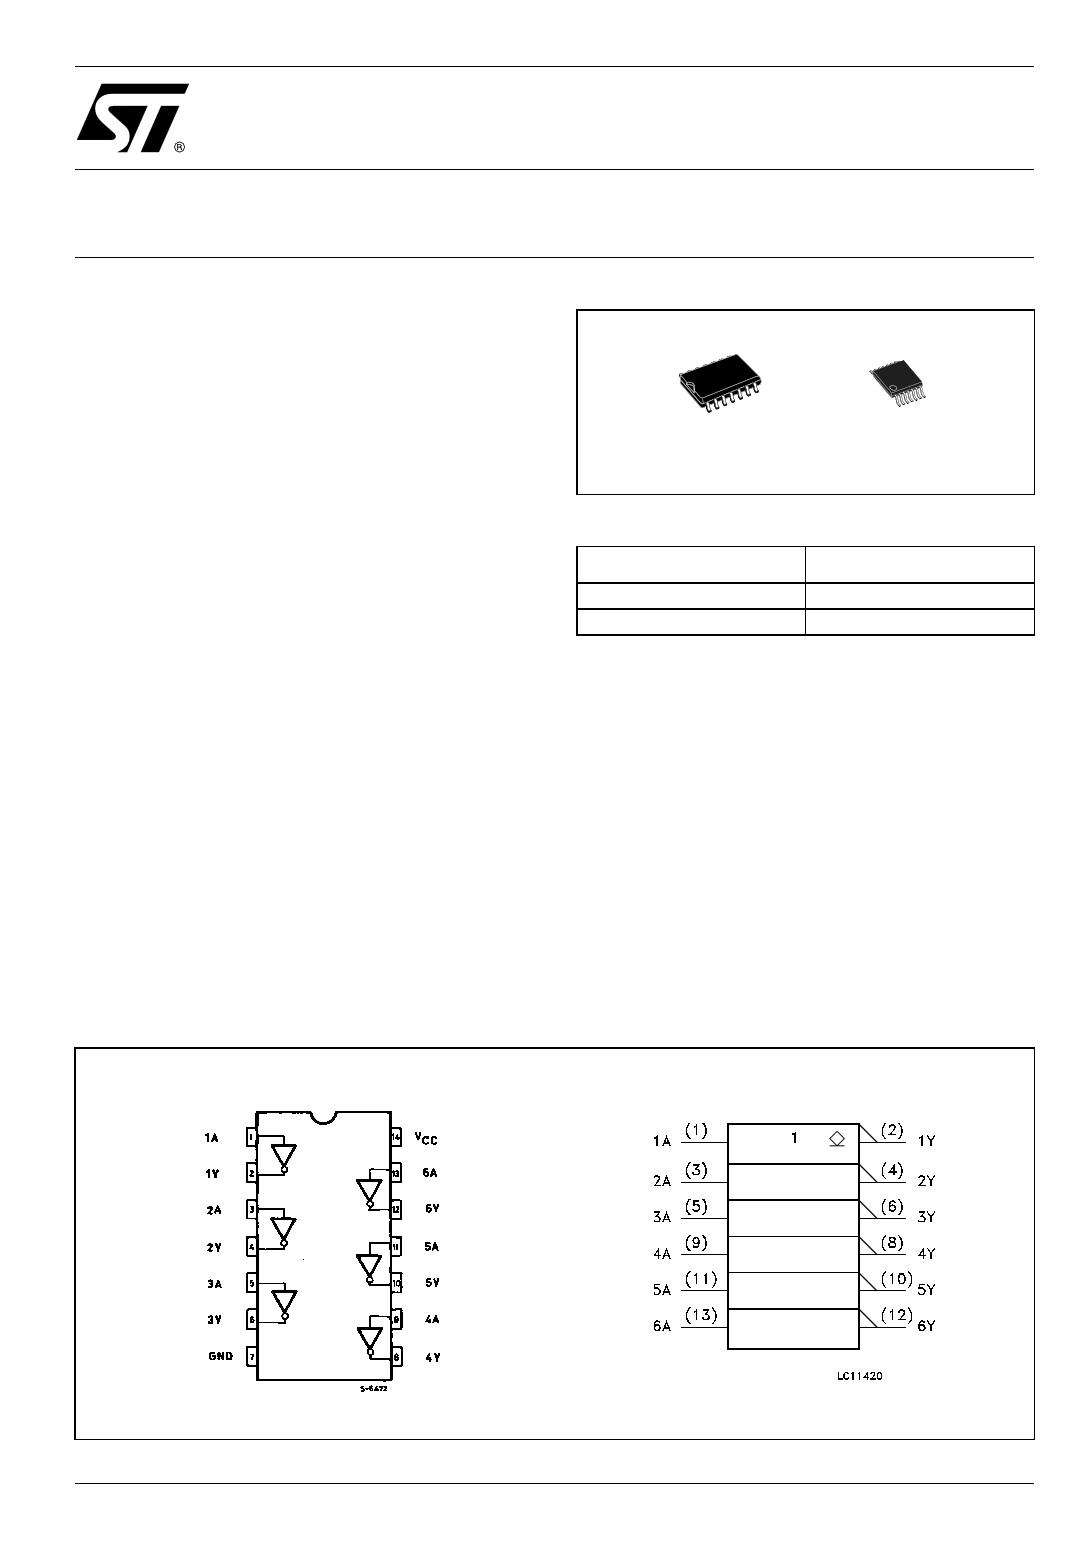 74LVX05TTR دیتاشیت PDF